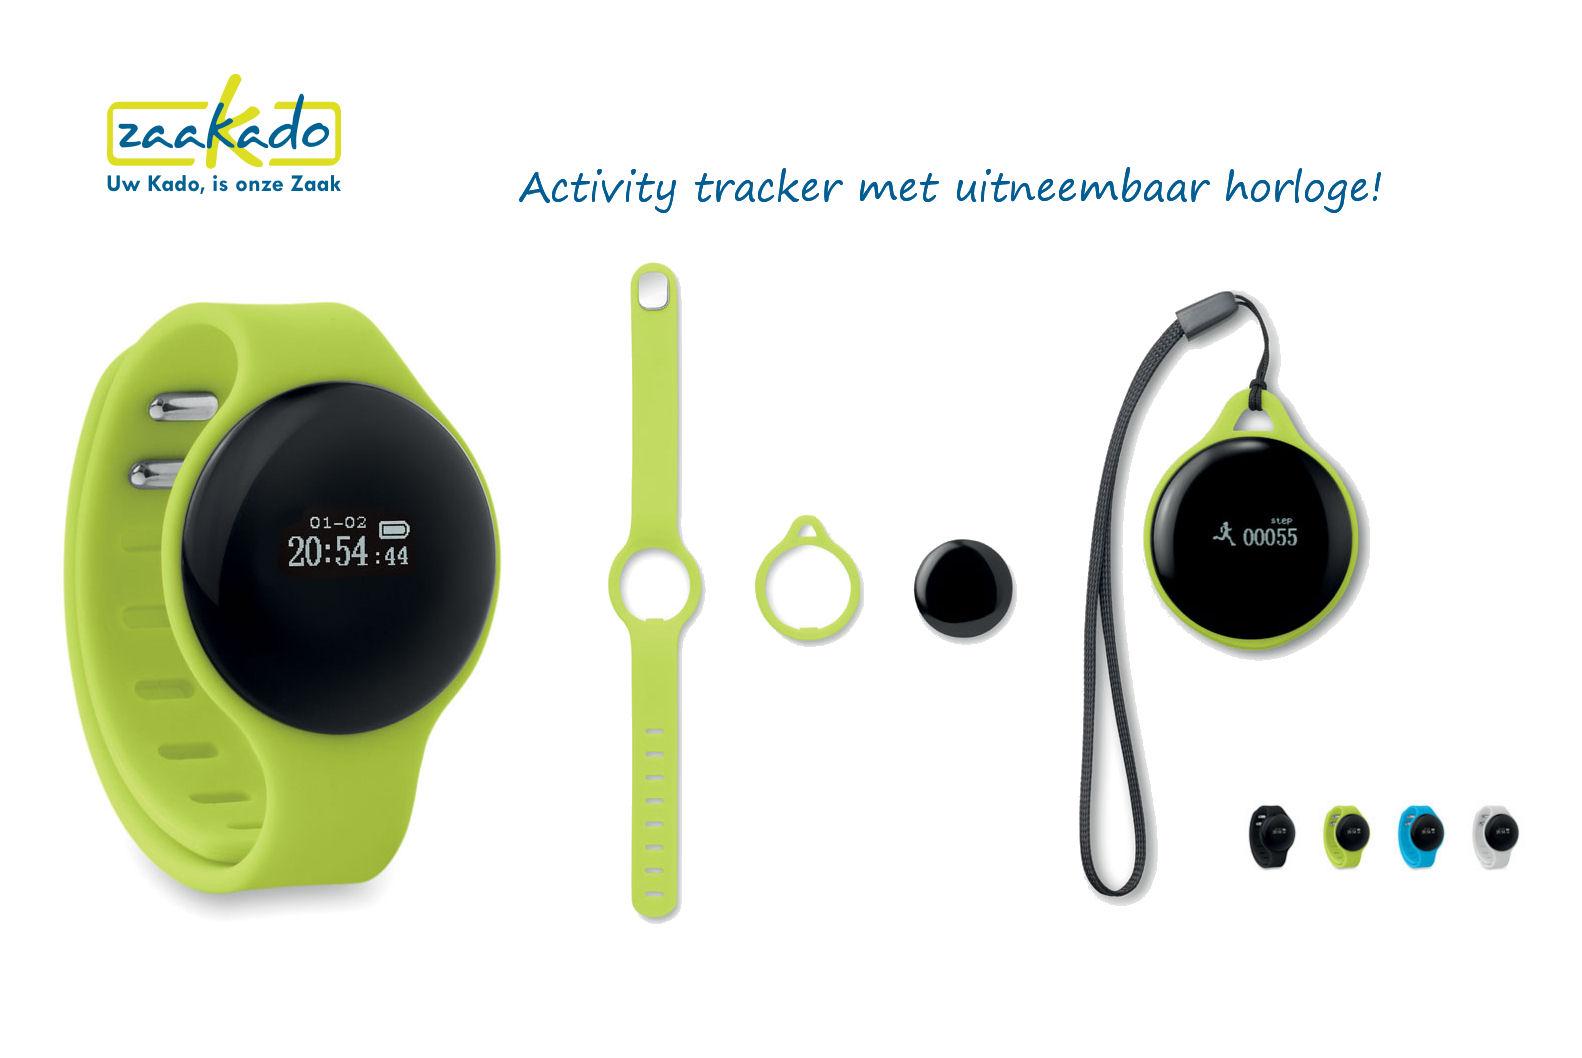 Activity tracker sportarmband health relatiegeschenken sportief met logo bedrukt gepersonaliseerd Zaakado Rotterdam